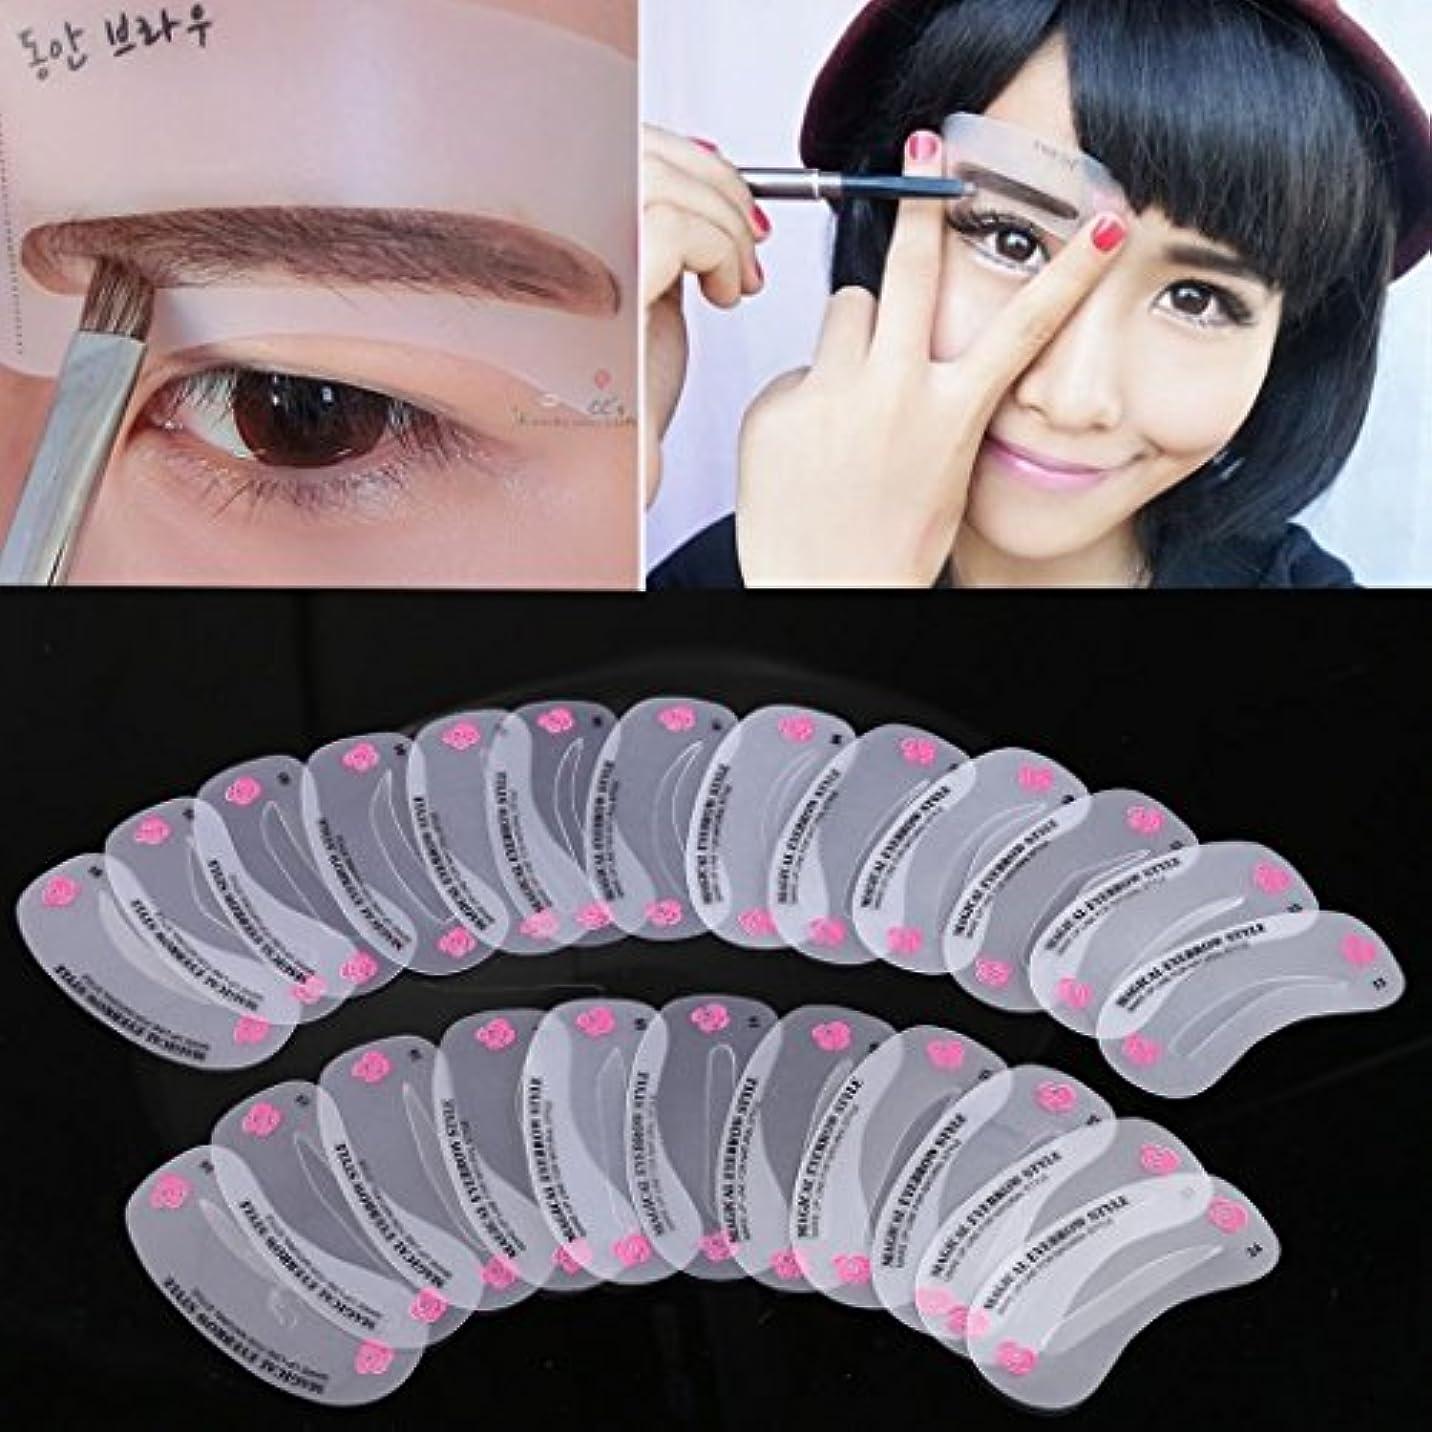 データム聞く付添人グルーミングキットセット化粧シェーパー眉ステンシル整形24の異なる眉スタイル